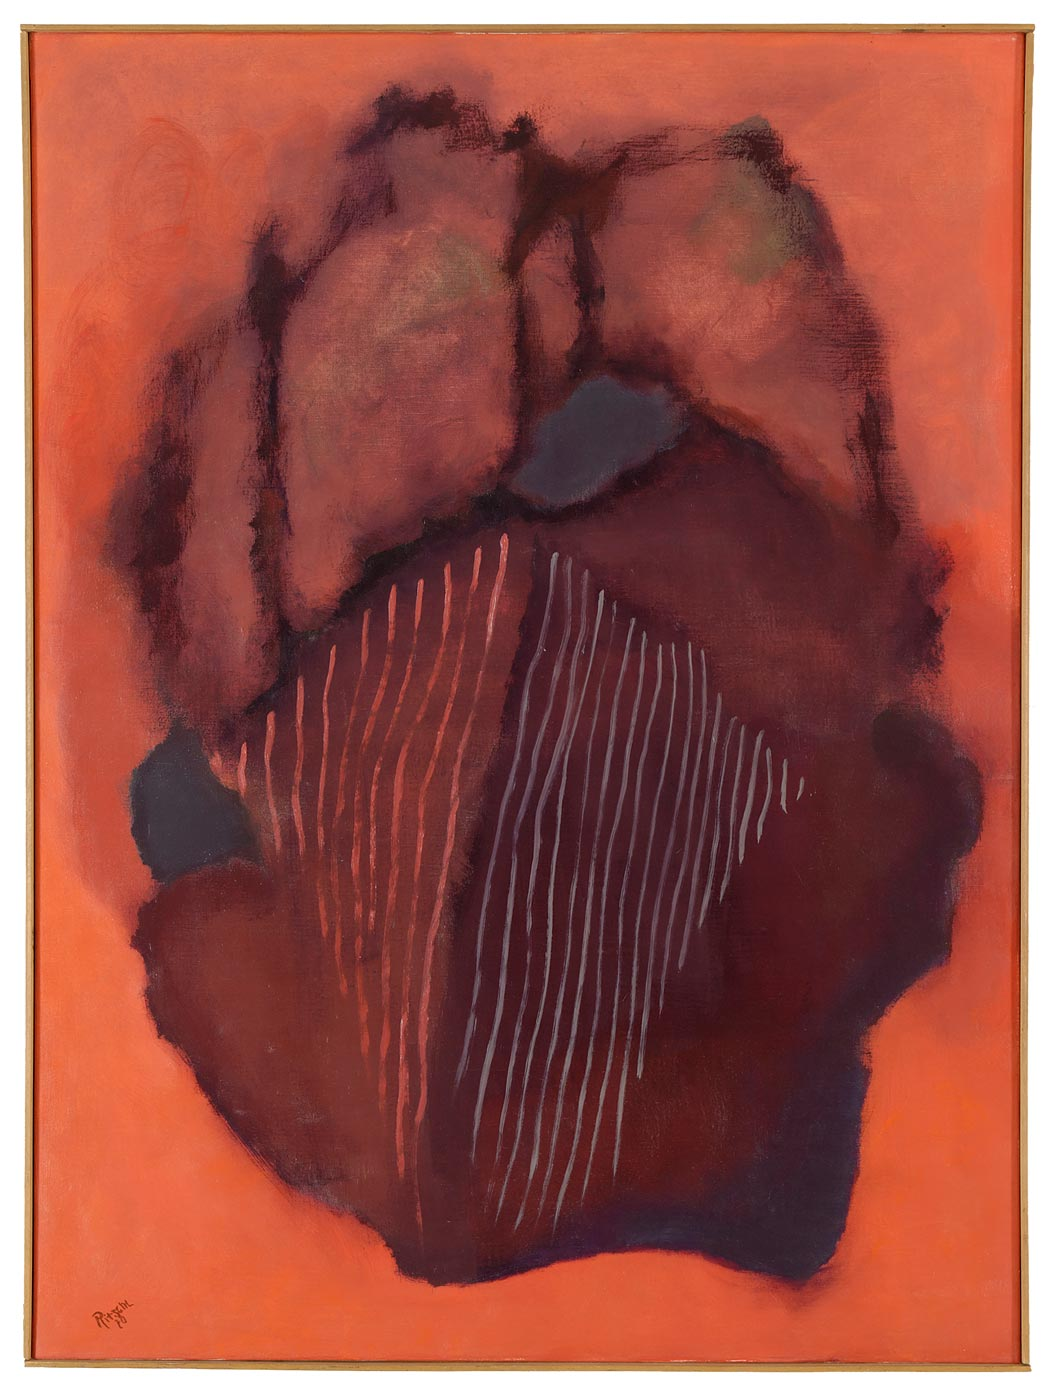 Otto Ritschl: Dreißigstes Bild aus dem Jahr 1970, Spätwerk, Werkverzeichnis des Museumsvereins Ritschl e.V., Verlag Hirmer